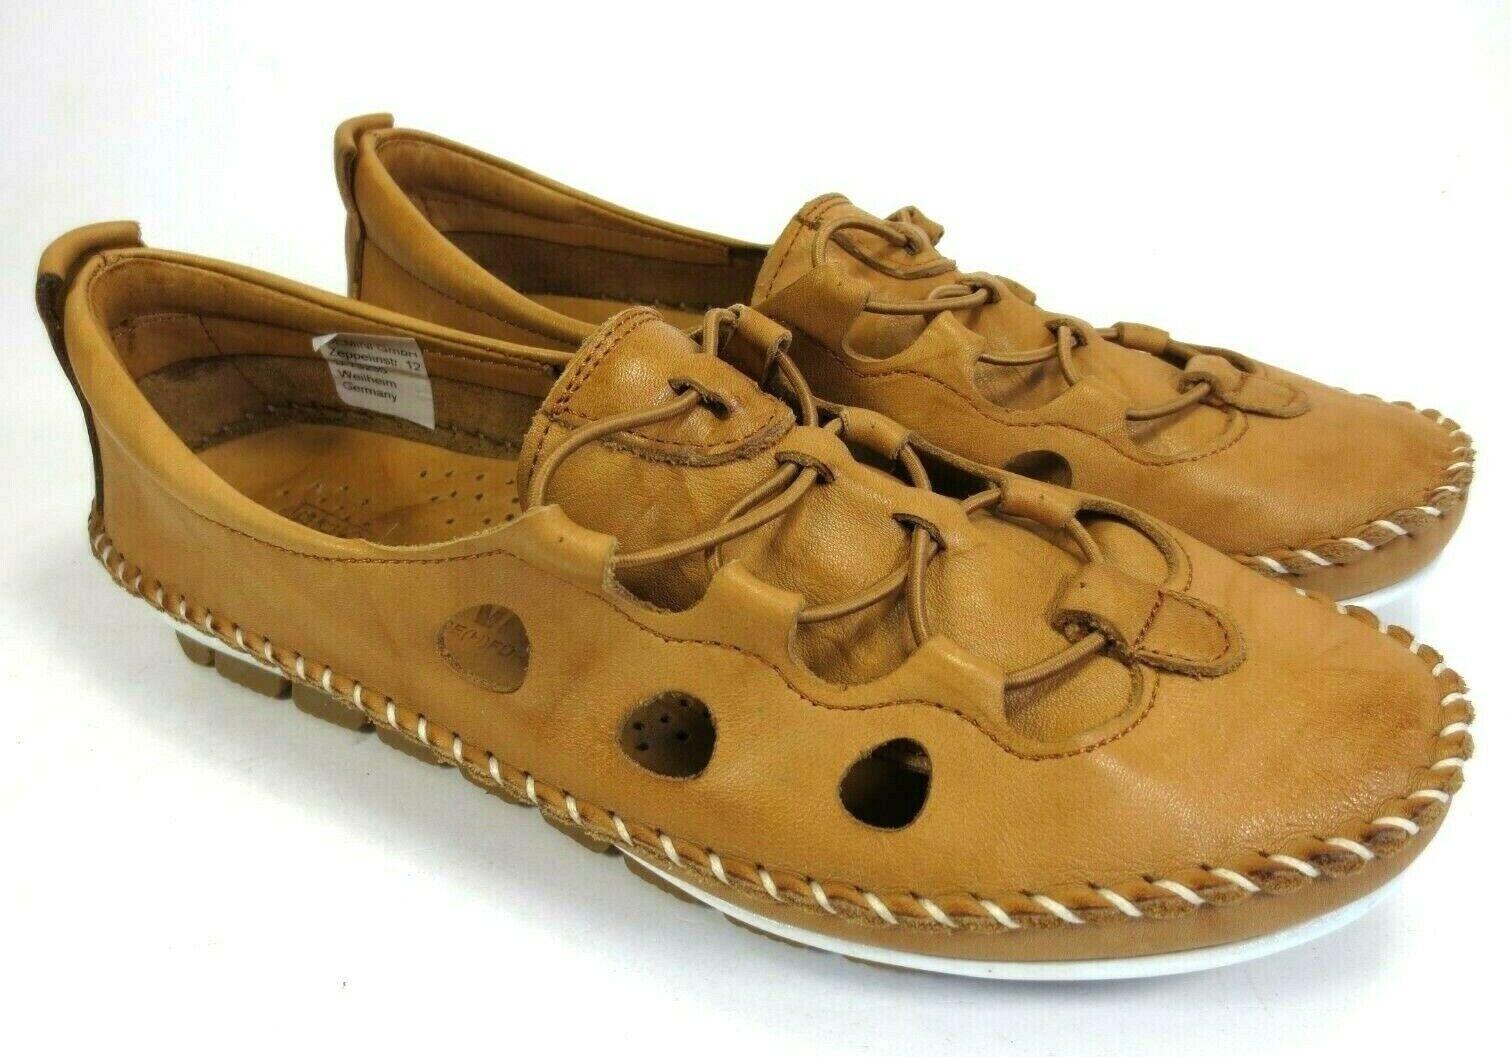 GEMINI Leder Schuhe Slipper Sommer Schuhe natur braun cognac Gr. 37 NEU 69,95